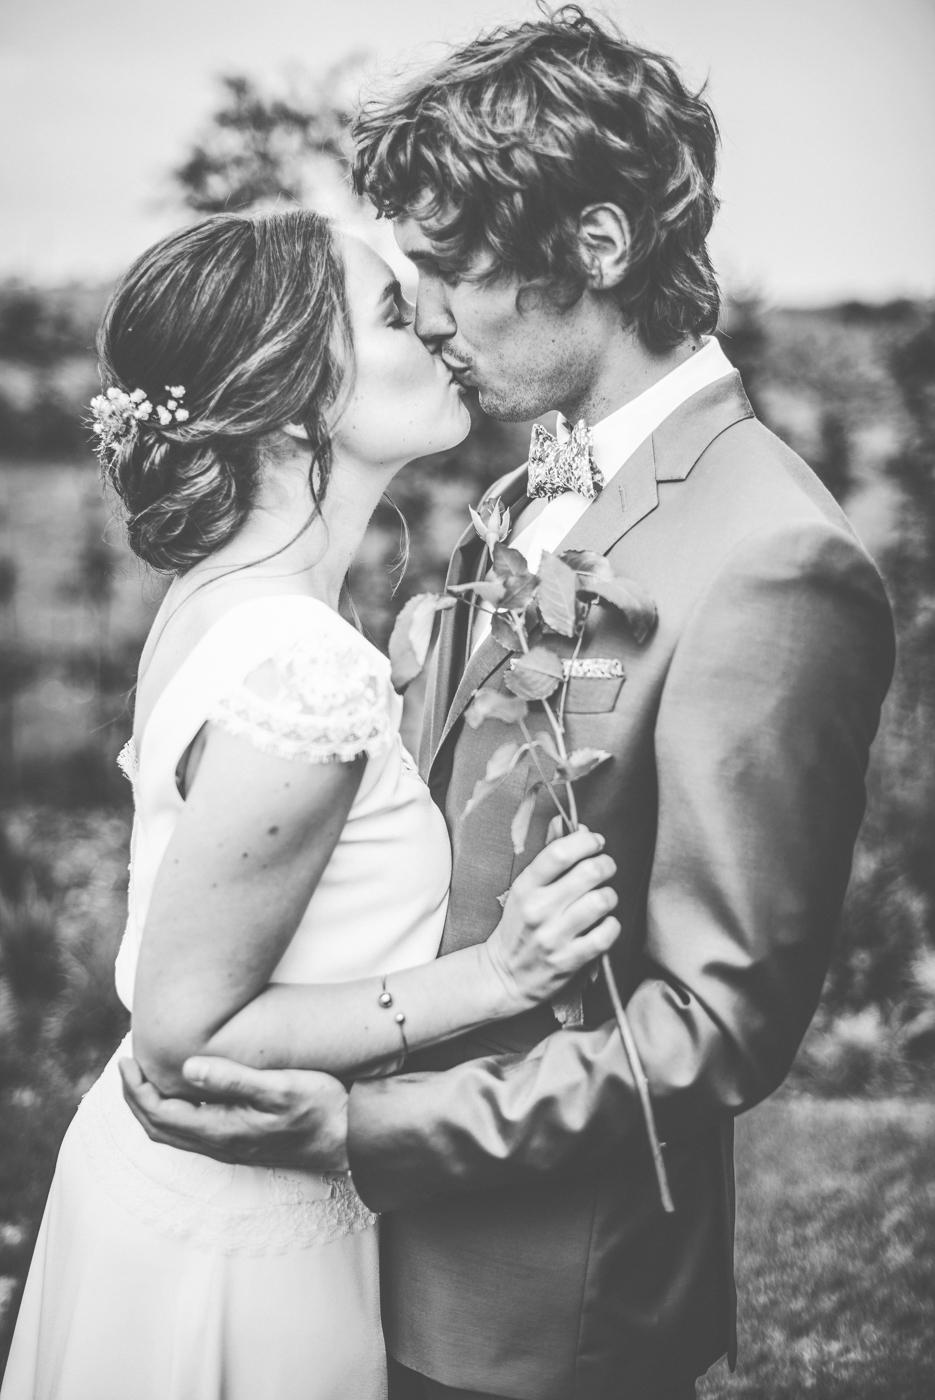 Les Moineaux De La Mariée couronne de fleurs • quelle version choisir pour son mariage